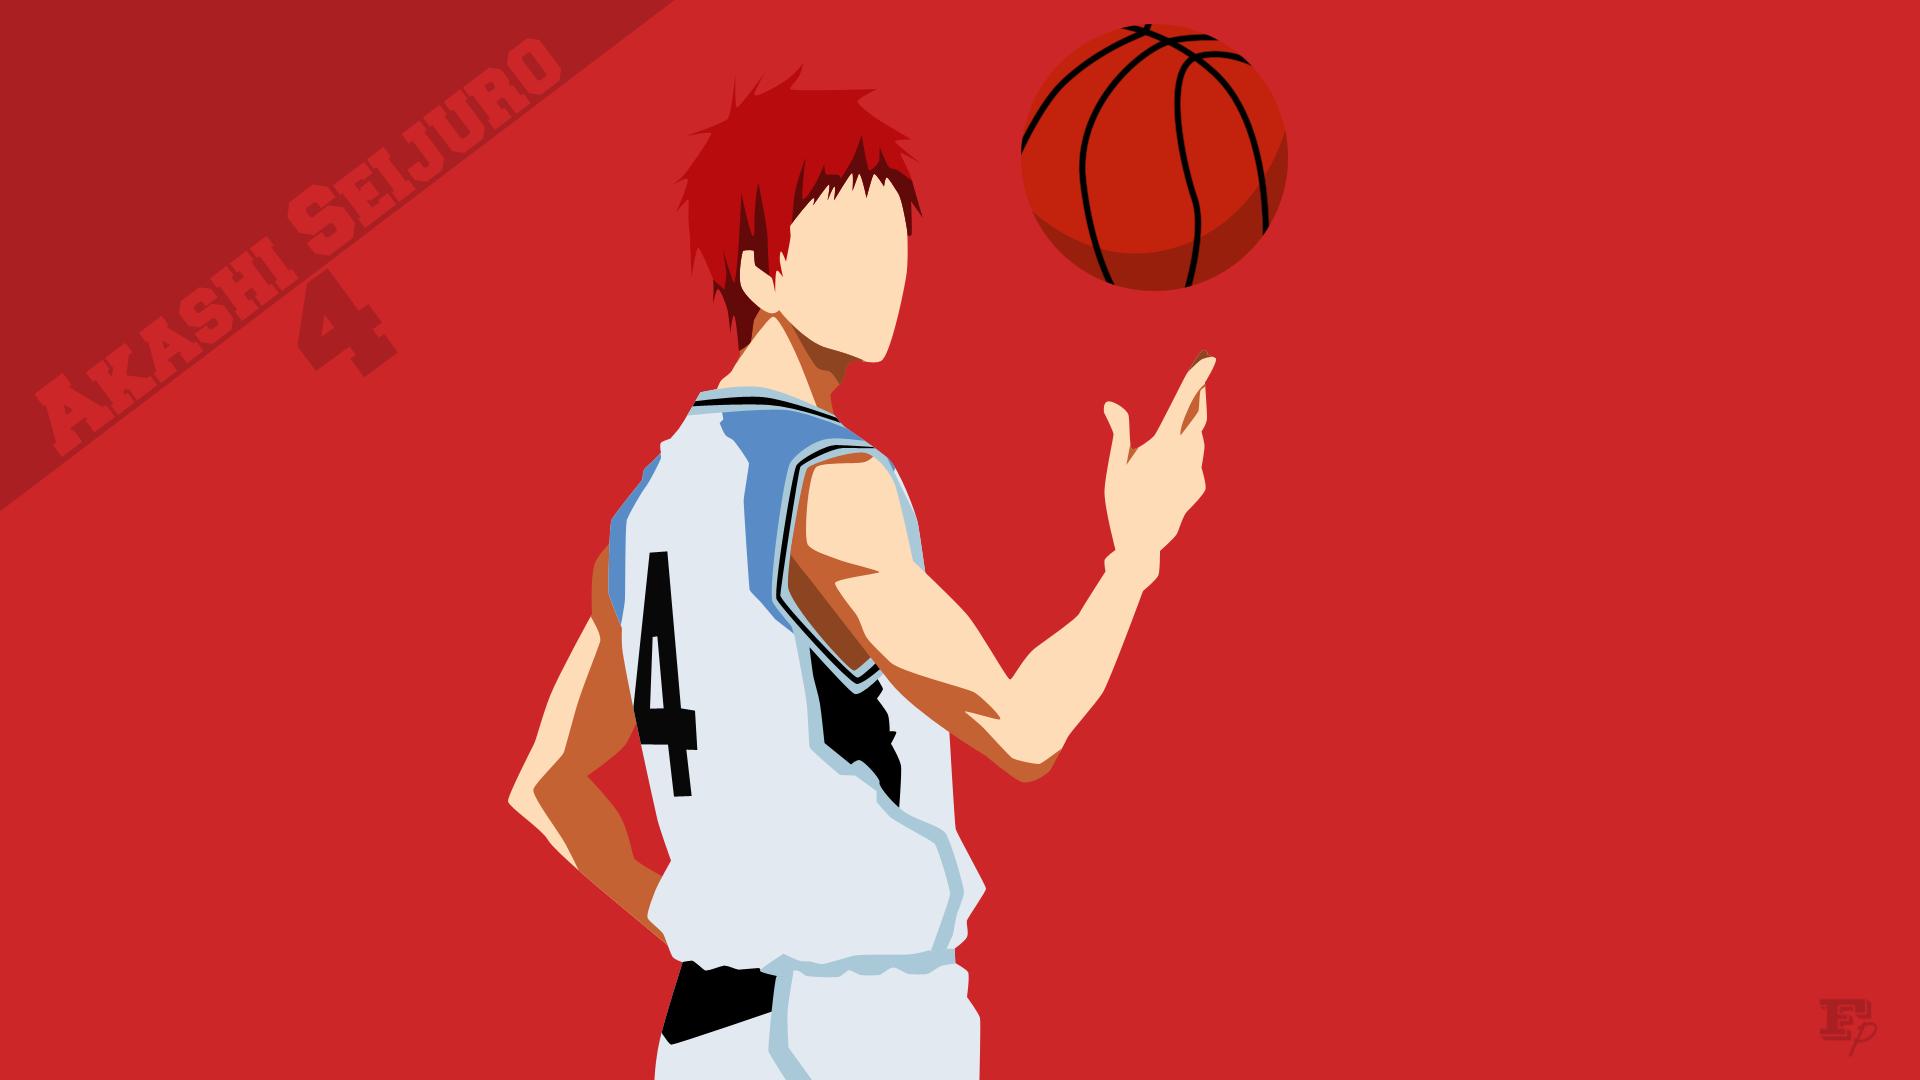 Kuroko No Basket Akashi Seijuro Minimalist By Mrrobotboy On Kuroko No Basket Kuroko No Basket